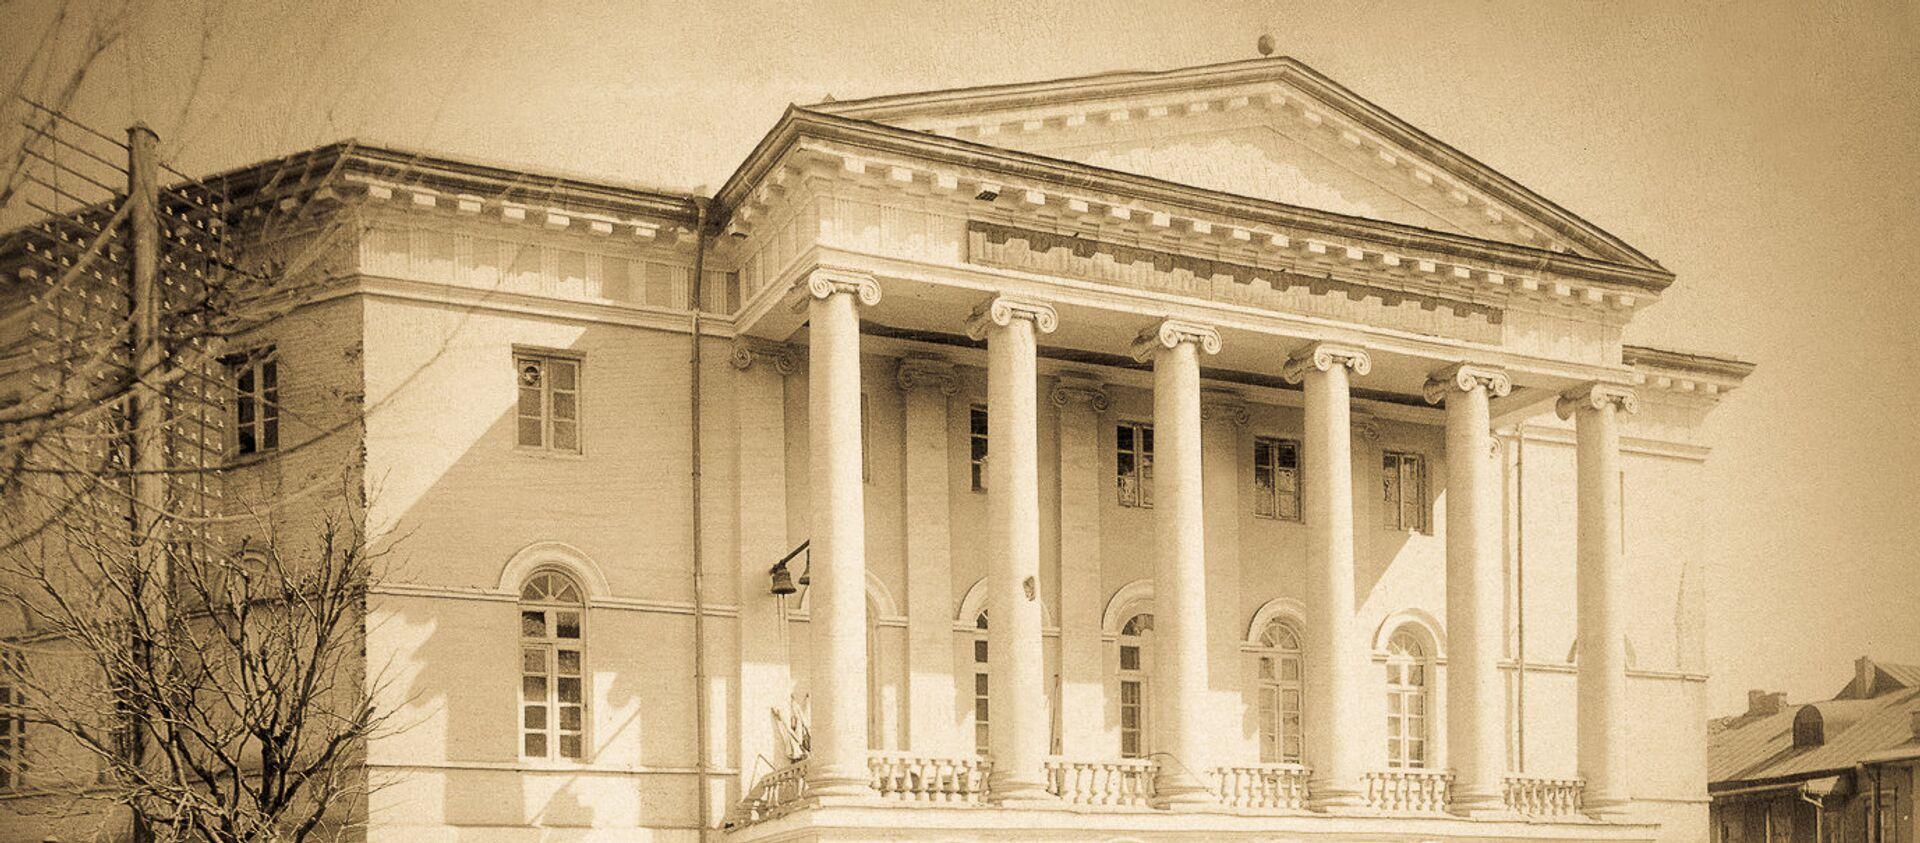 შალვა ამირანაშვილის სახელობის ხელოვნების მუზეუმი, რომელიც  განთავსებულია ყოფილი სასულიერო სემინარიის შენობაში - Sputnik საქართველო, 1920, 17.07.2021